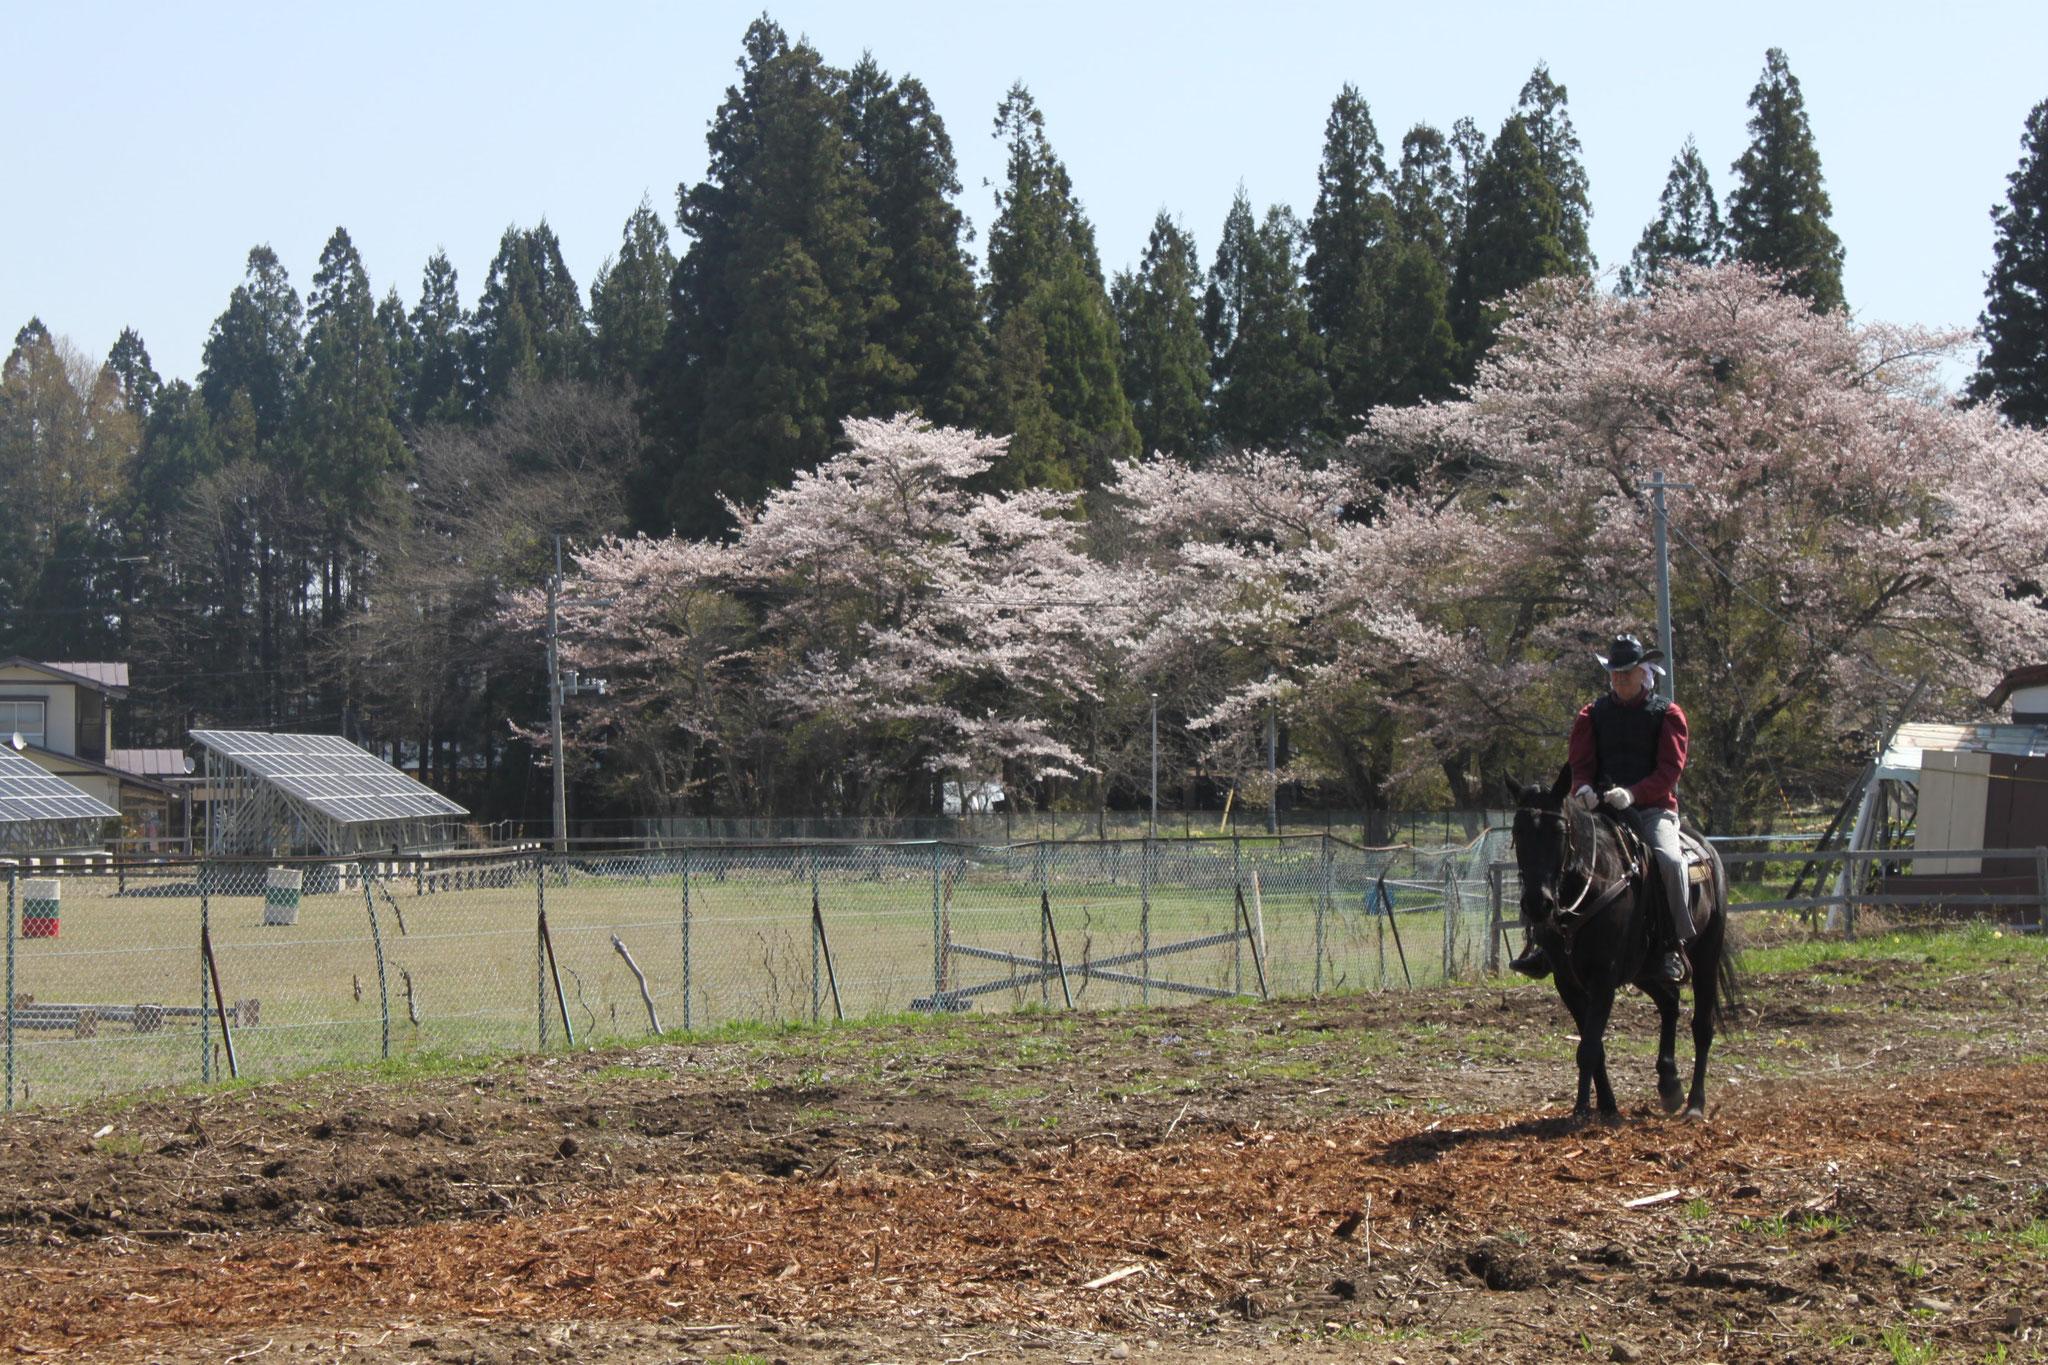 春:場内の桜をみながら乗馬